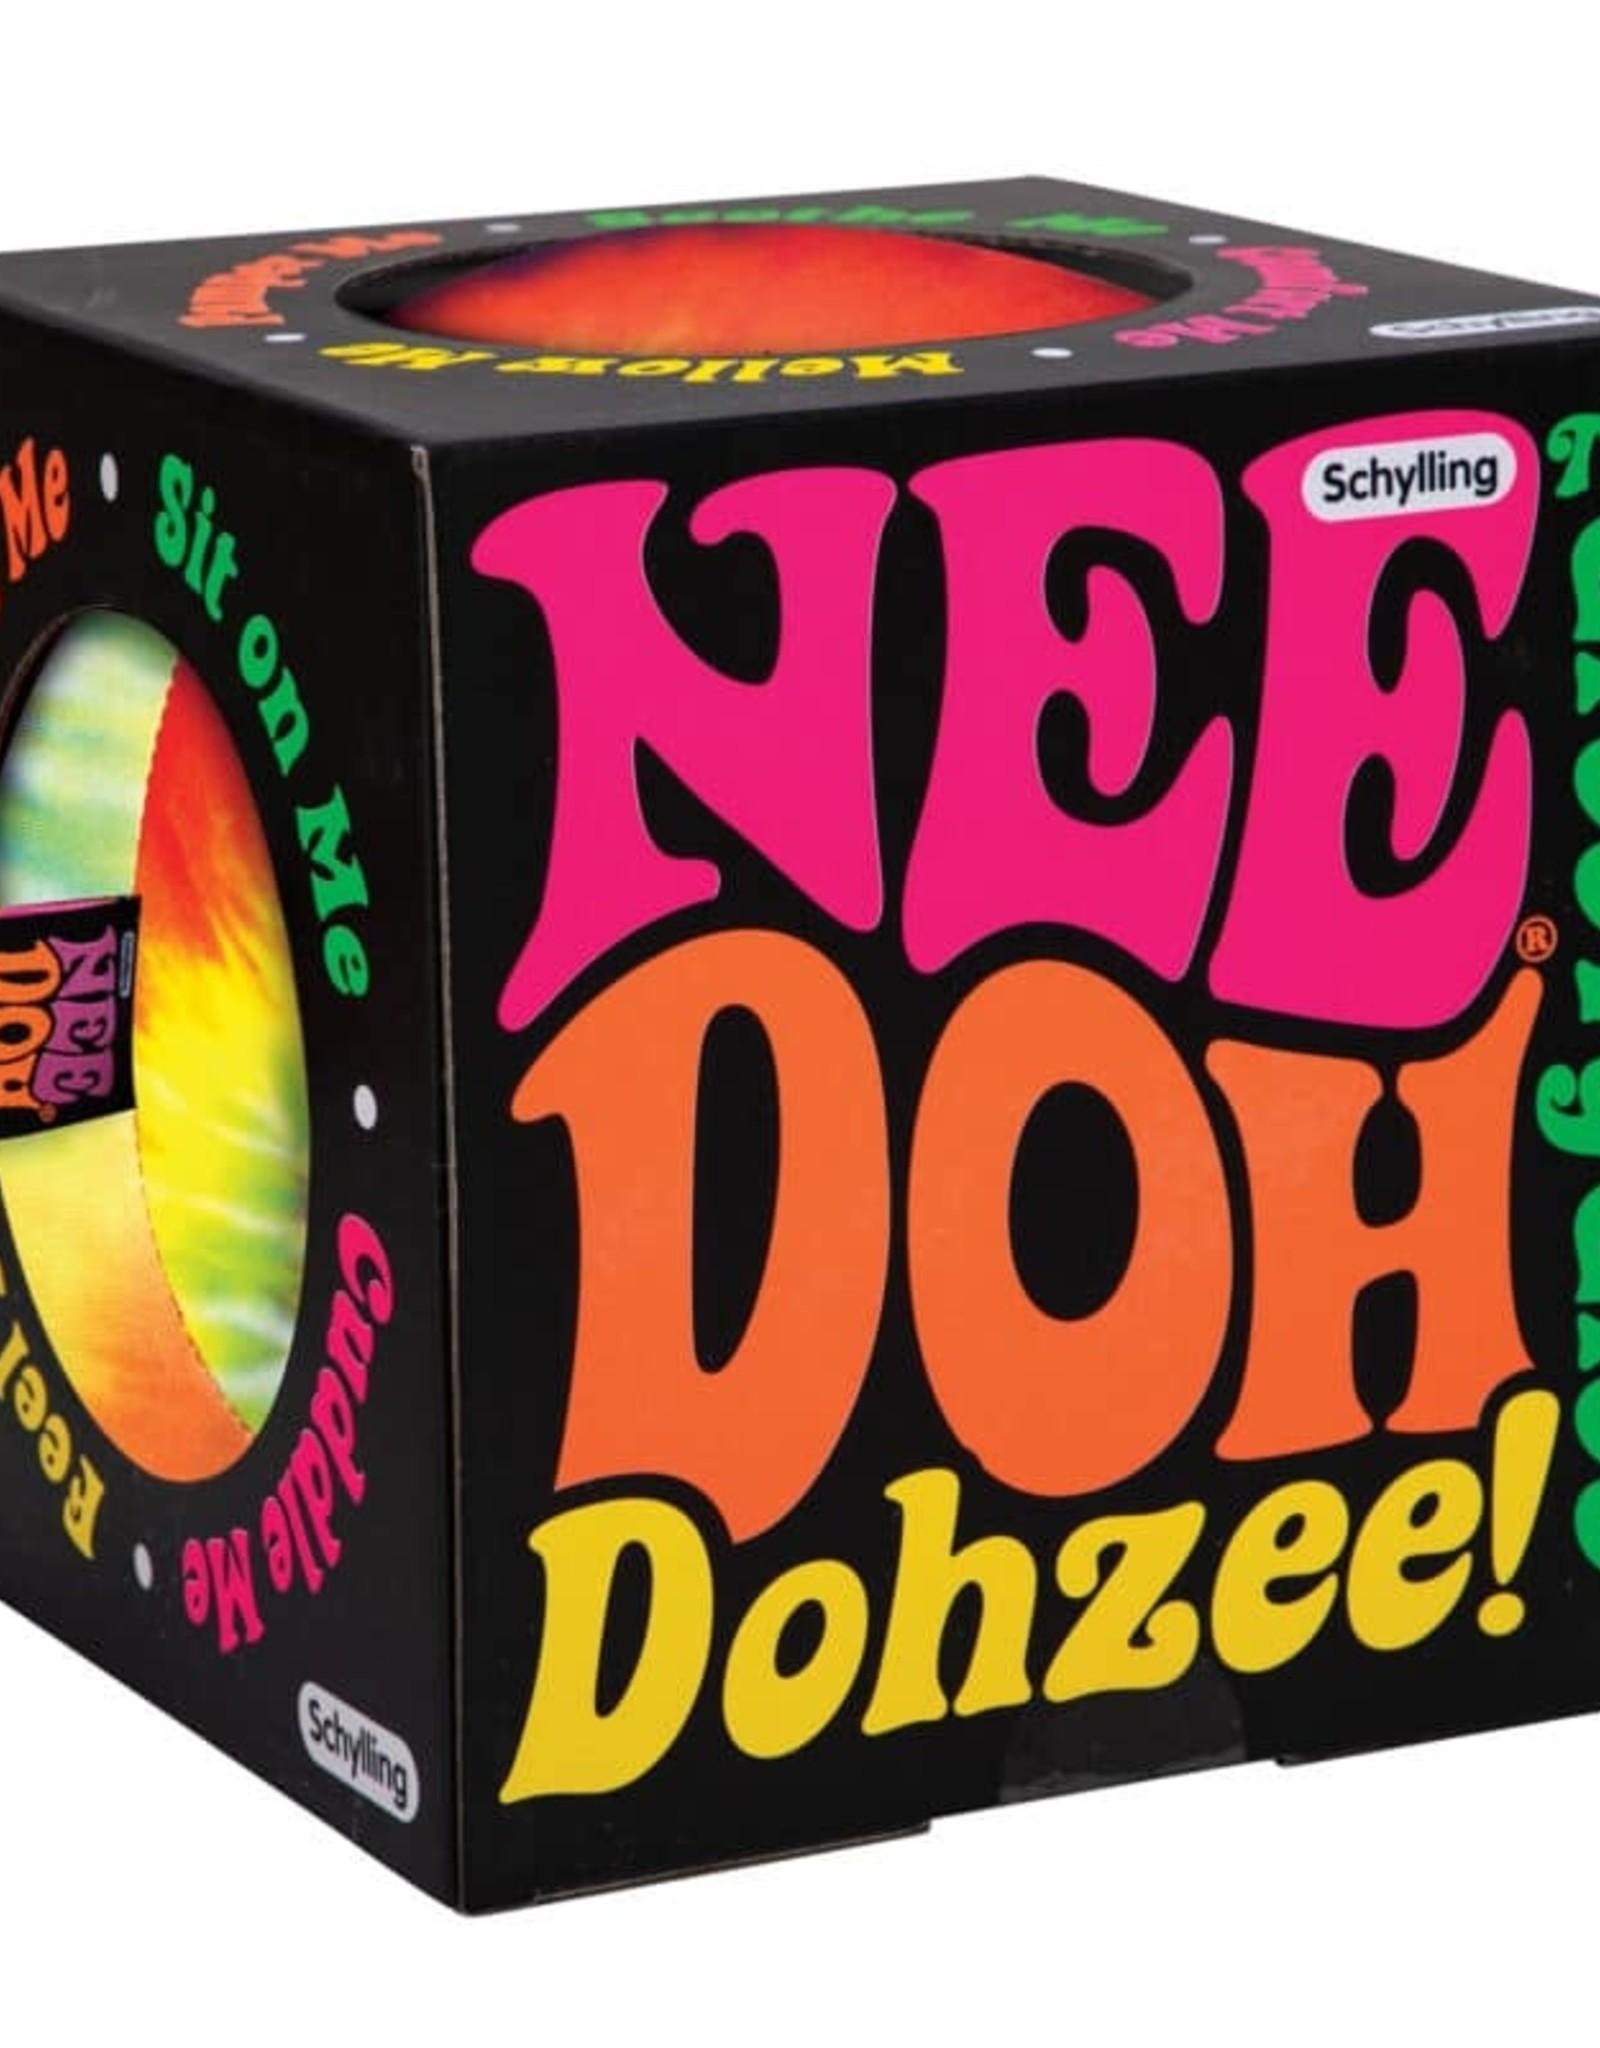 Nee-Doh Dohzee - Prints